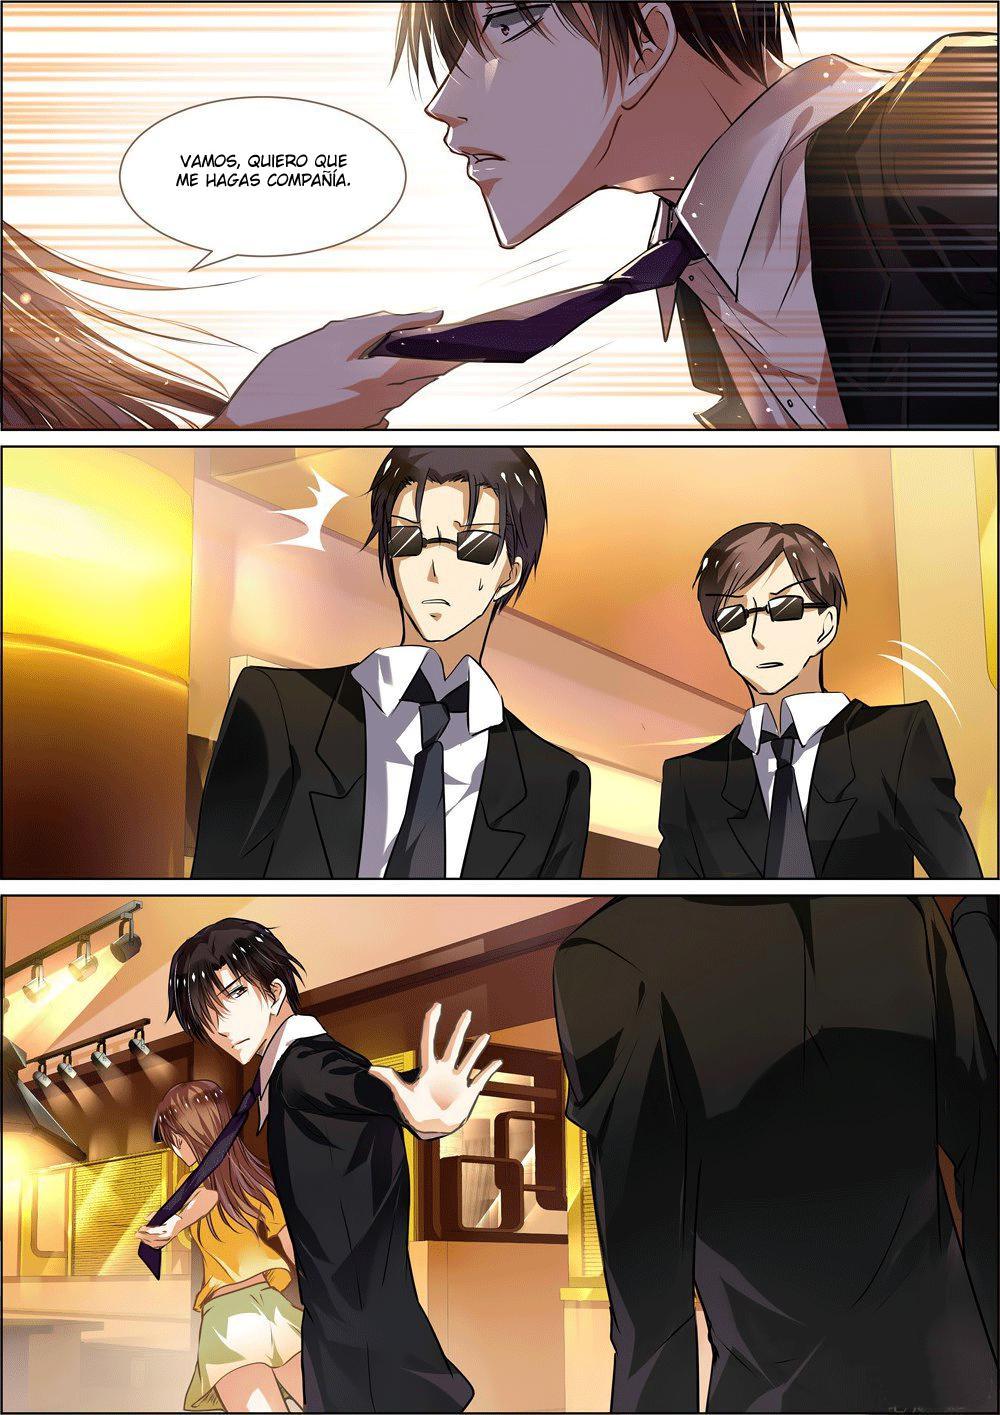 http://c5.ninemanga.com/es_manga/5/16069/385053/4fd100b10c0156d847aef4e44cda8fb9.jpg Page 8